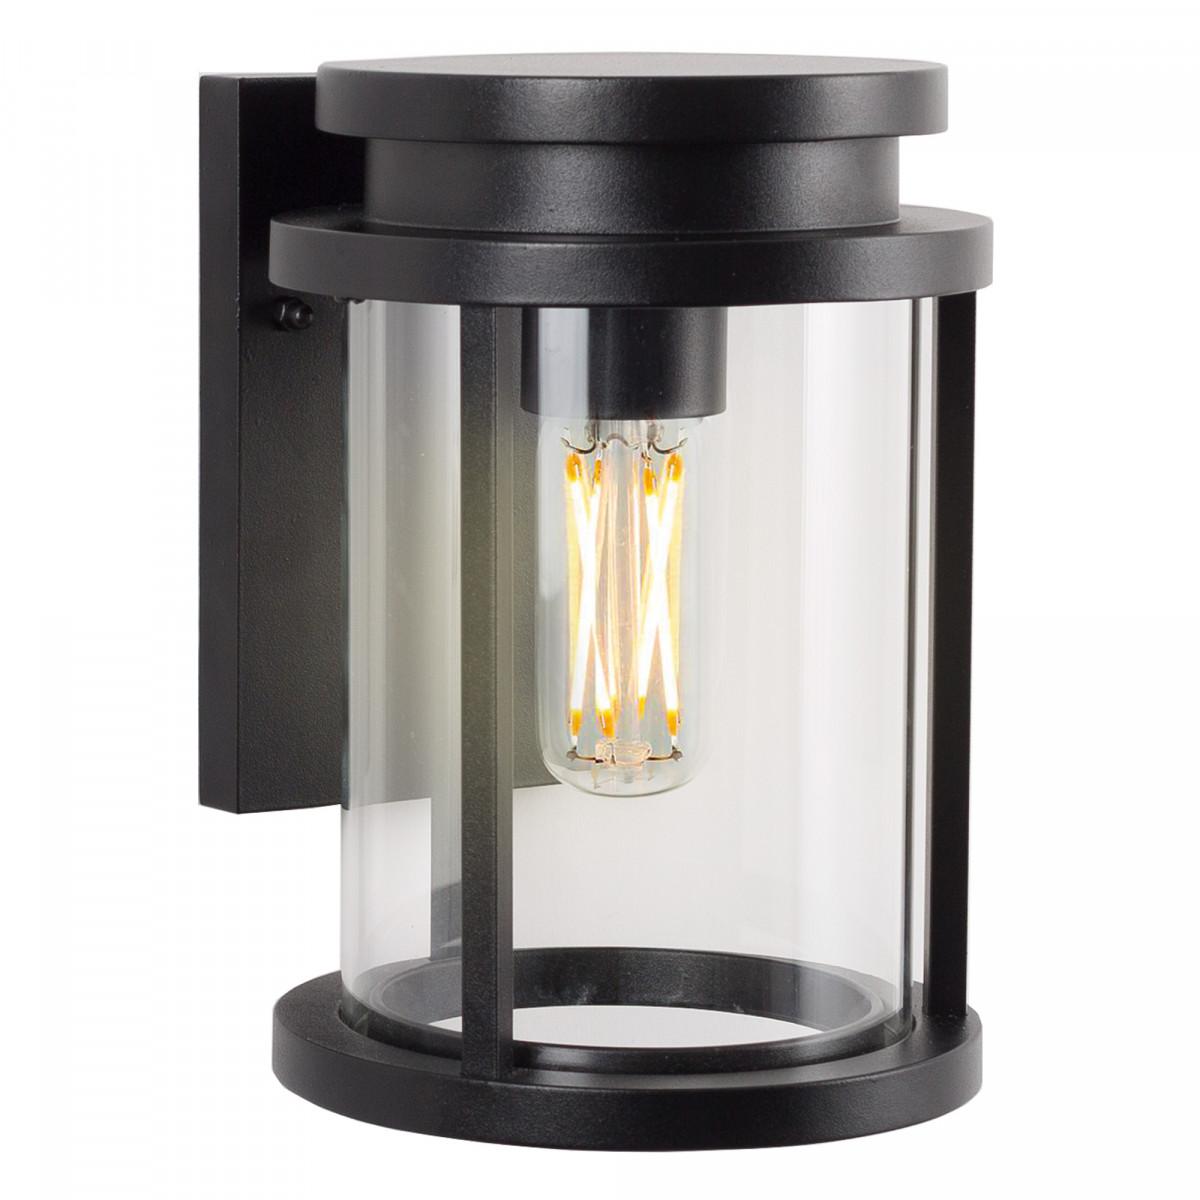 Zwarte buitenlamp met heldere beglazing, rechthoekige achterplaat  voor aan de wand, ronde lantaarnkap, zwart frame, strak moderne verlichting voor buiten